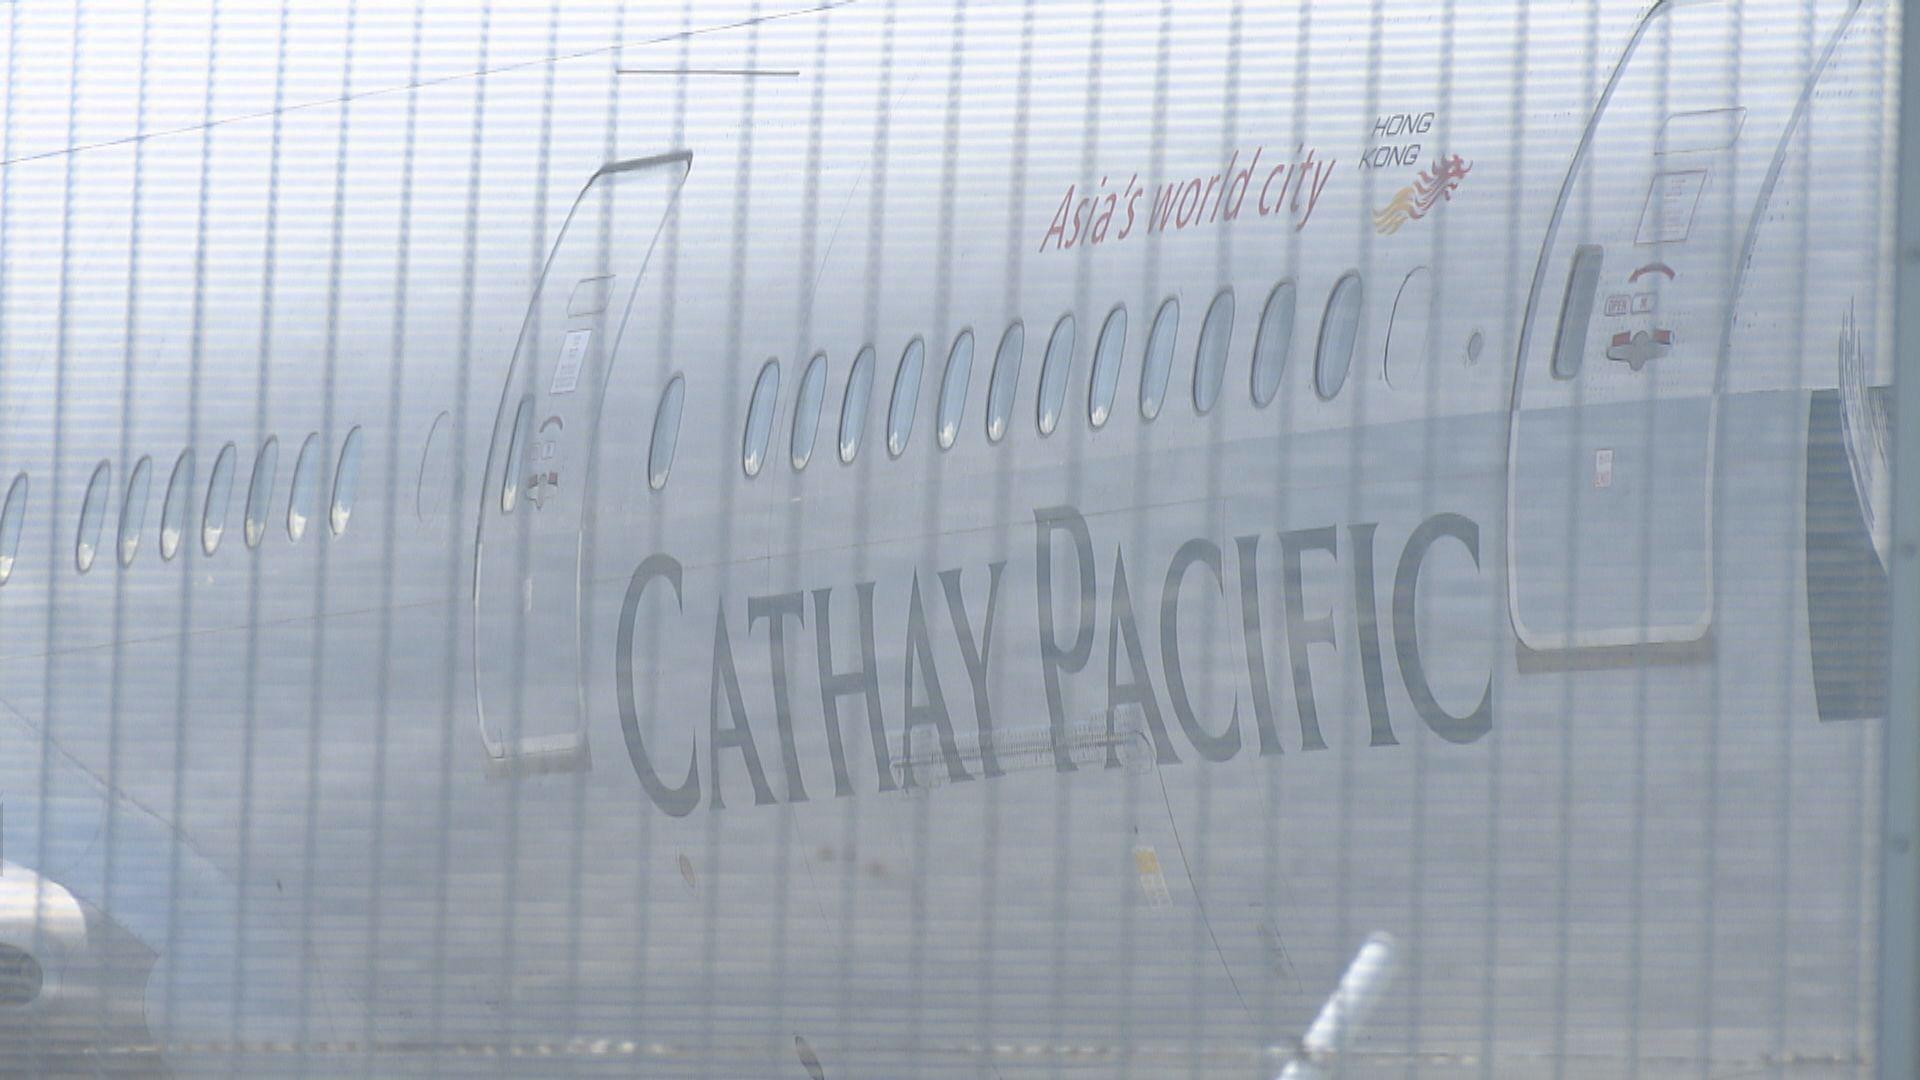 國泰表示部分乘客資料不清晰拒絕登機